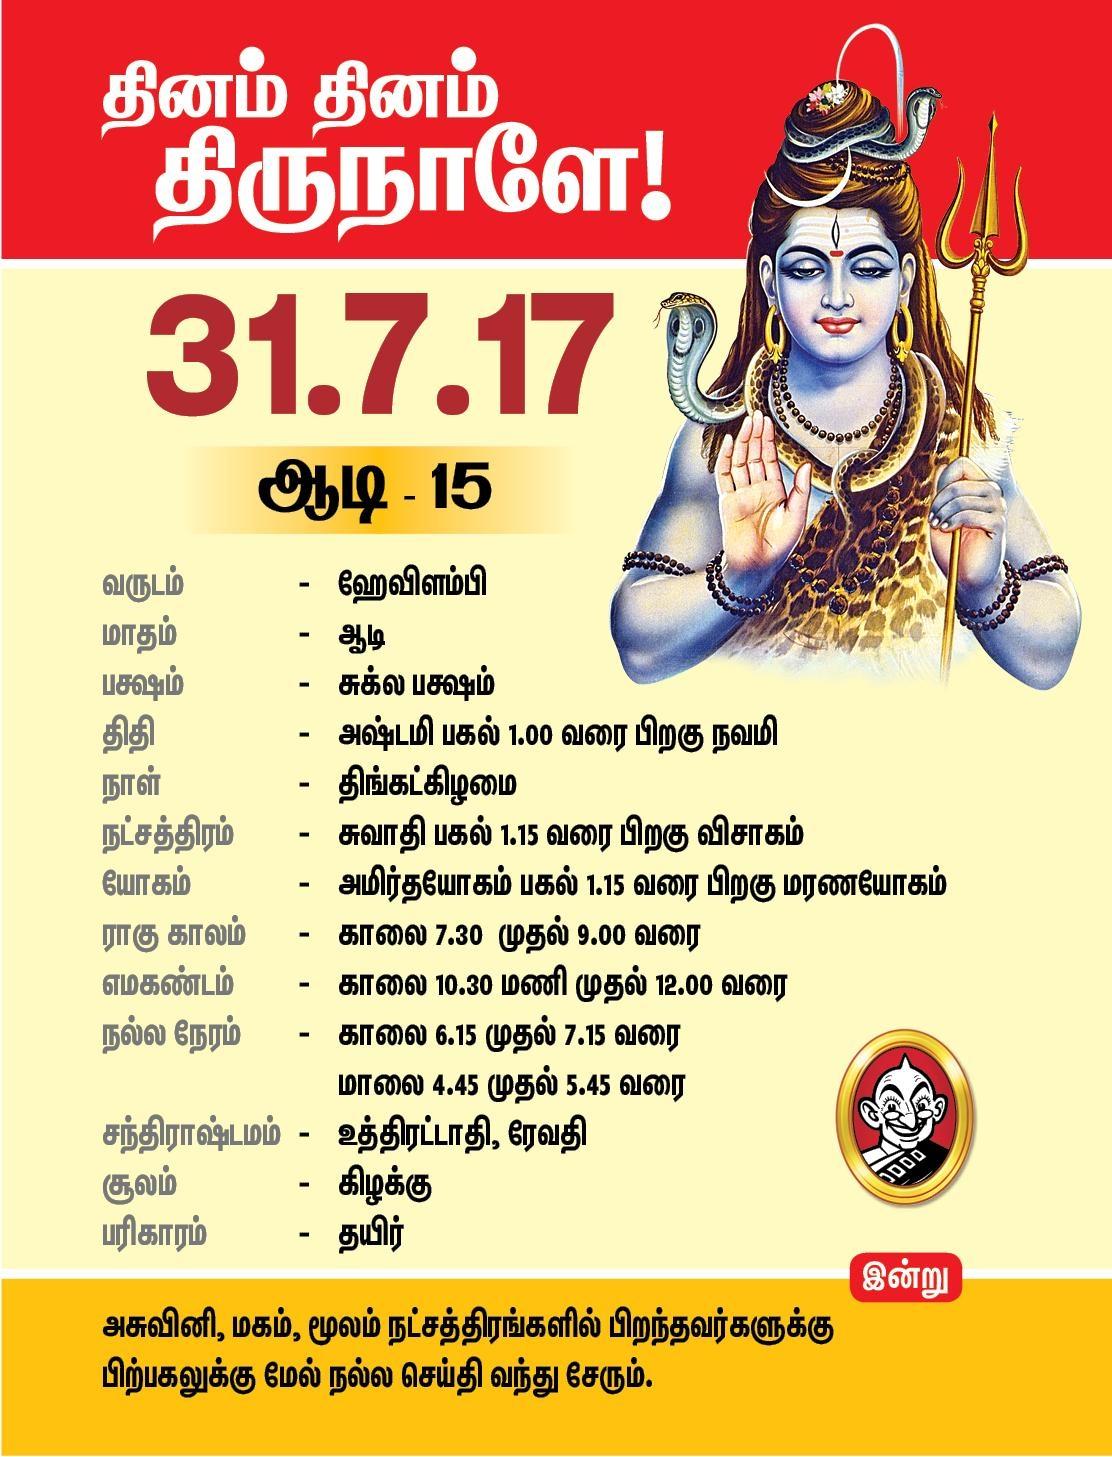 ராசிபலன் - பஞ்சாங்க குறிப்பு